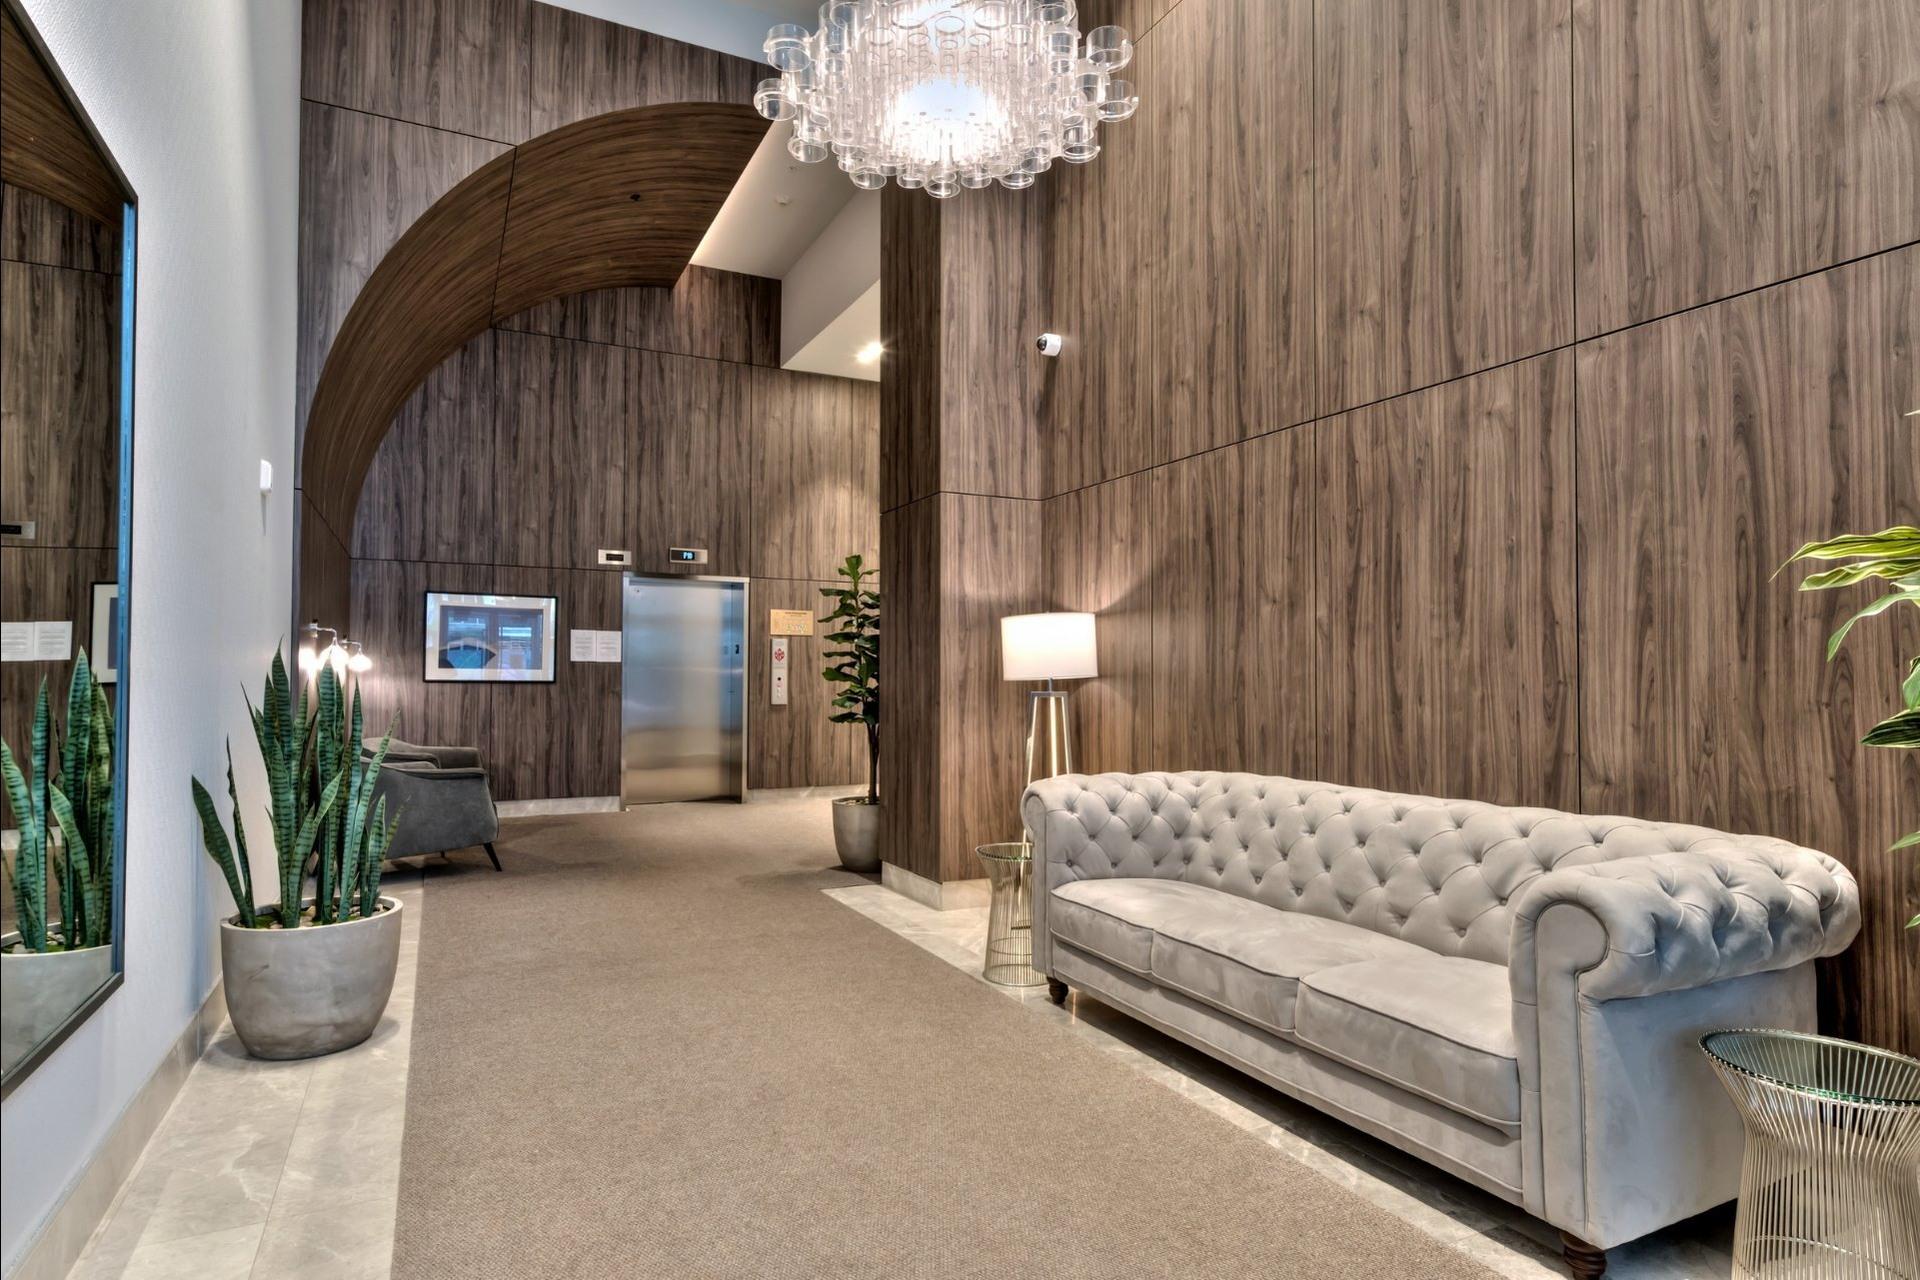 image 36 - Appartement À vendre Côte-des-Neiges/Notre-Dame-de-Grâce Montréal  - 16 pièces